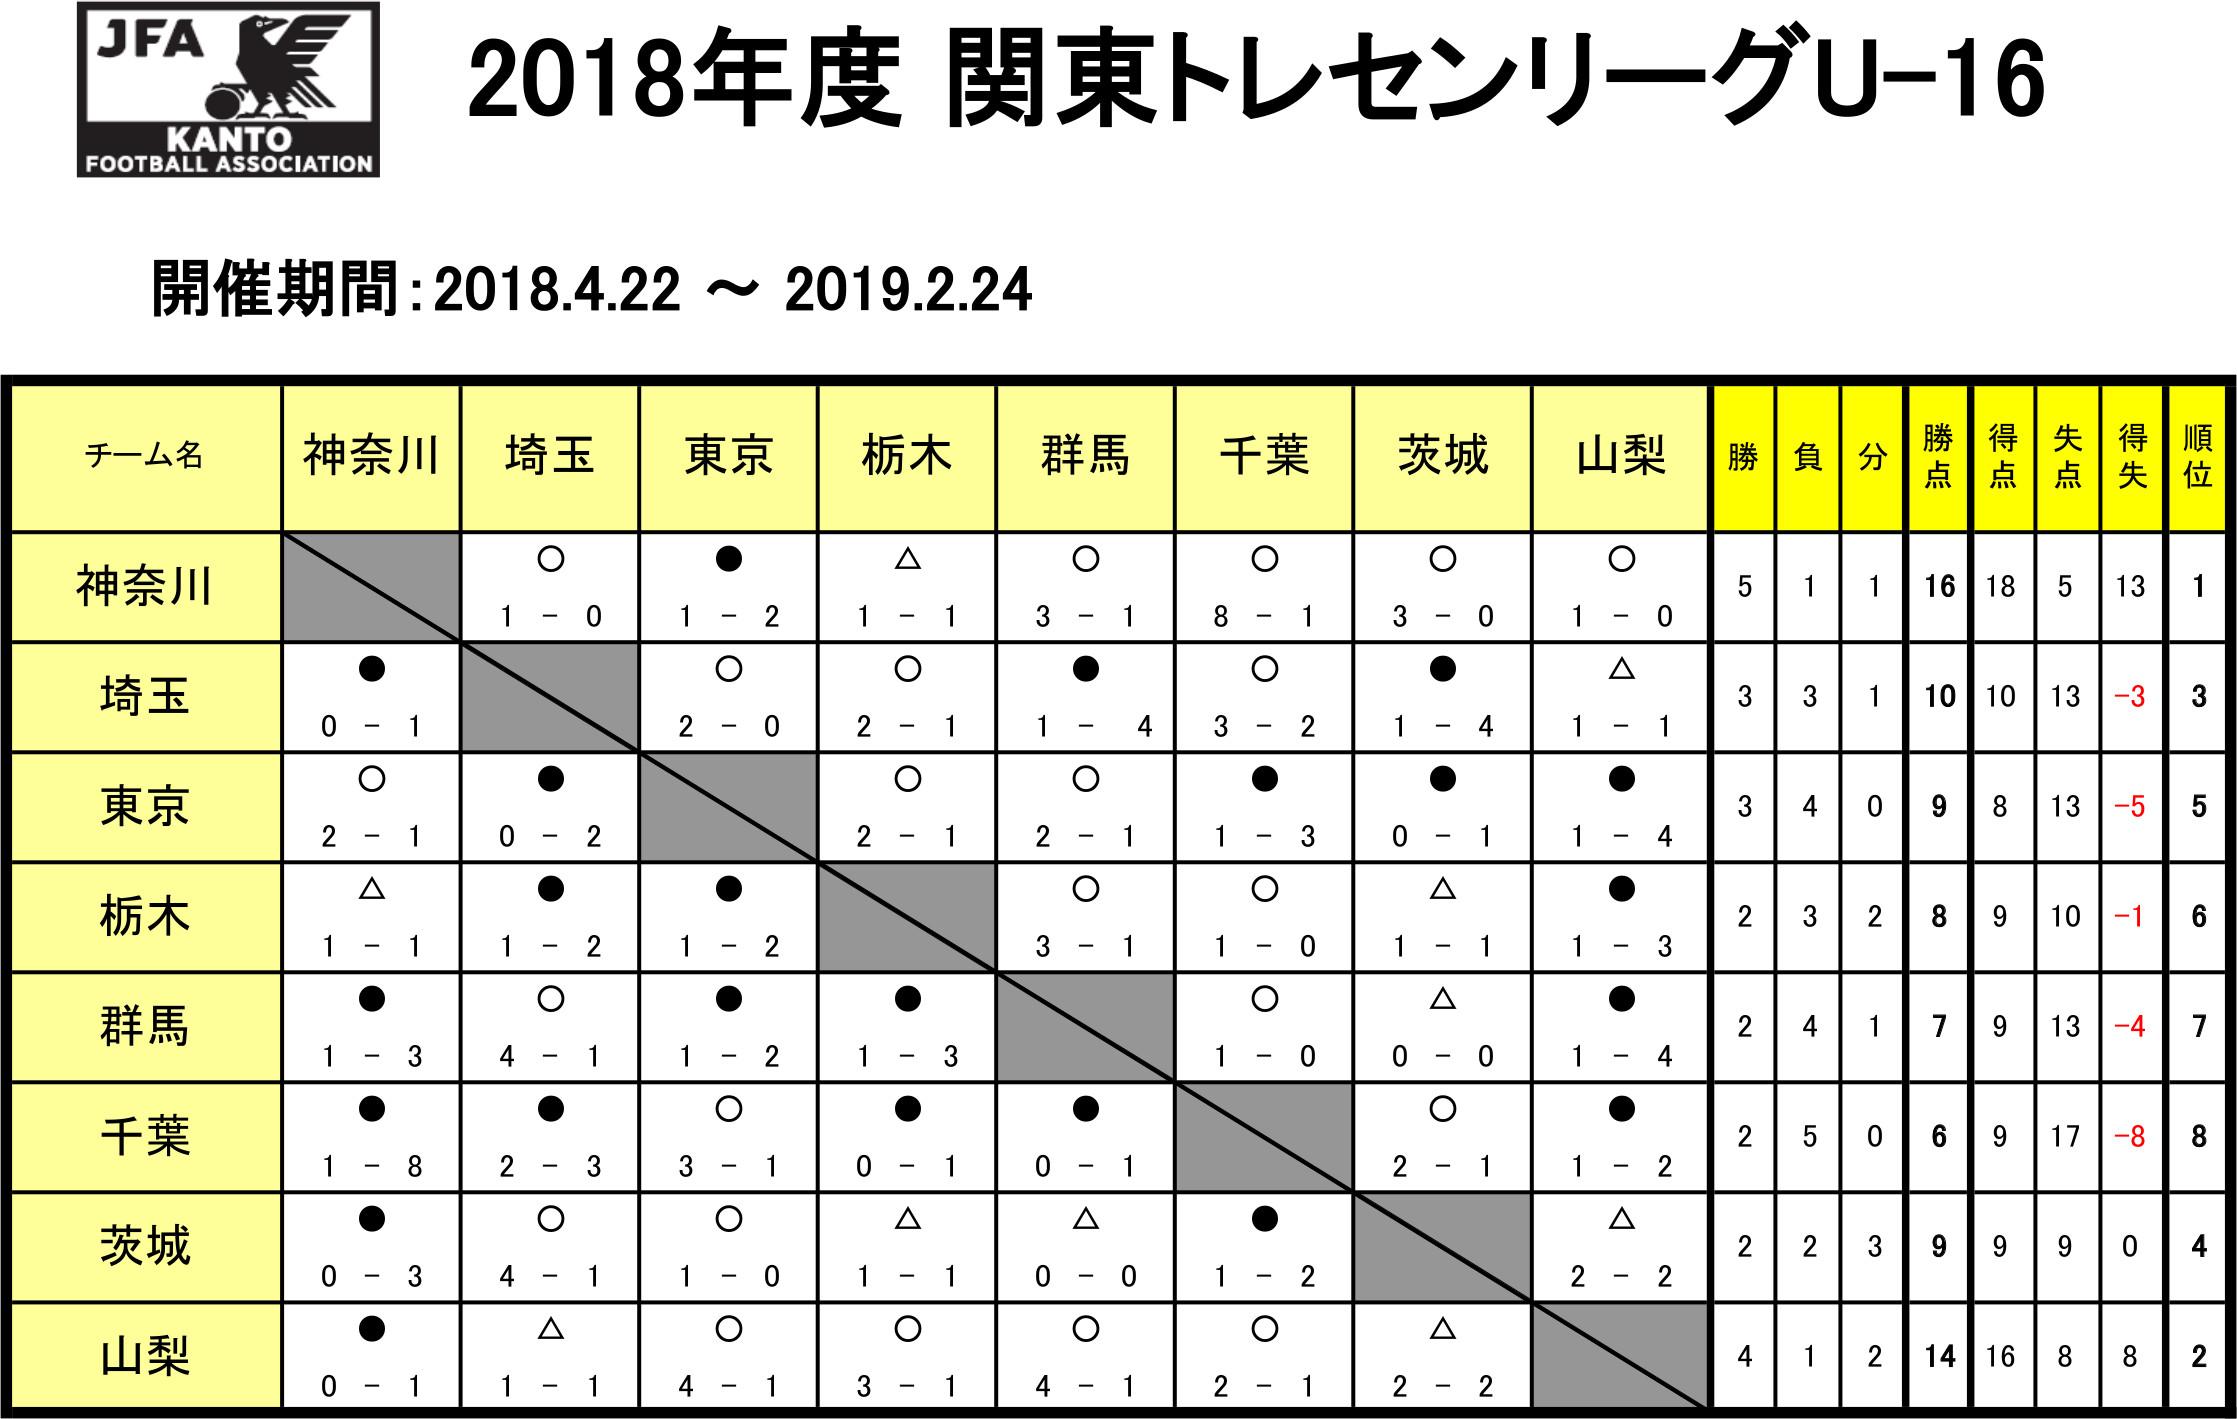 2018/4/22 ~ 2019/2/24 関東トレセンリーグU-16 in関東 トーナメント表